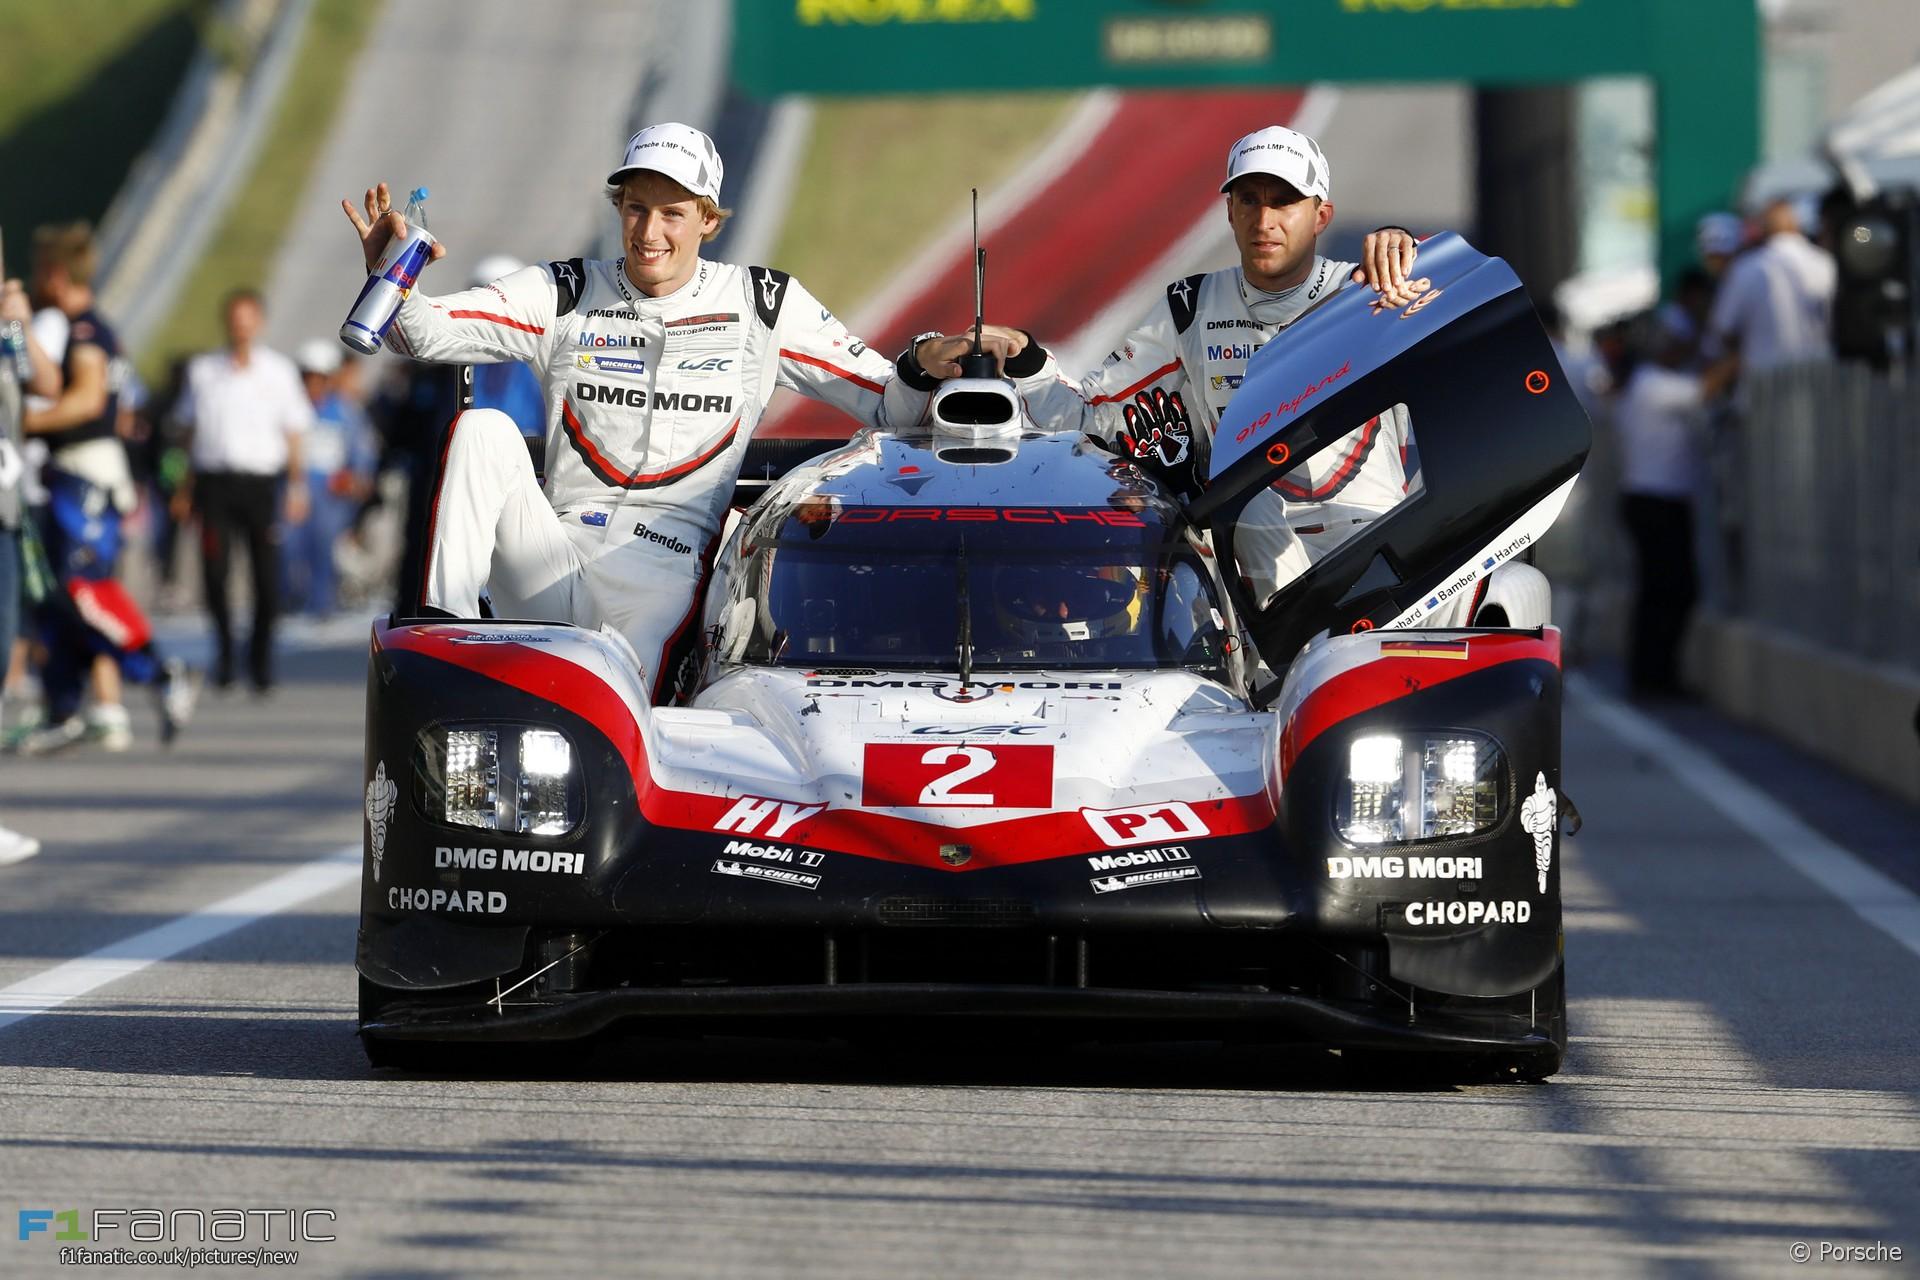 Brendon Hartley, Timo Bernhard, Earl Bamber, WEC, Porsche, Circuit of the Americas, 2017